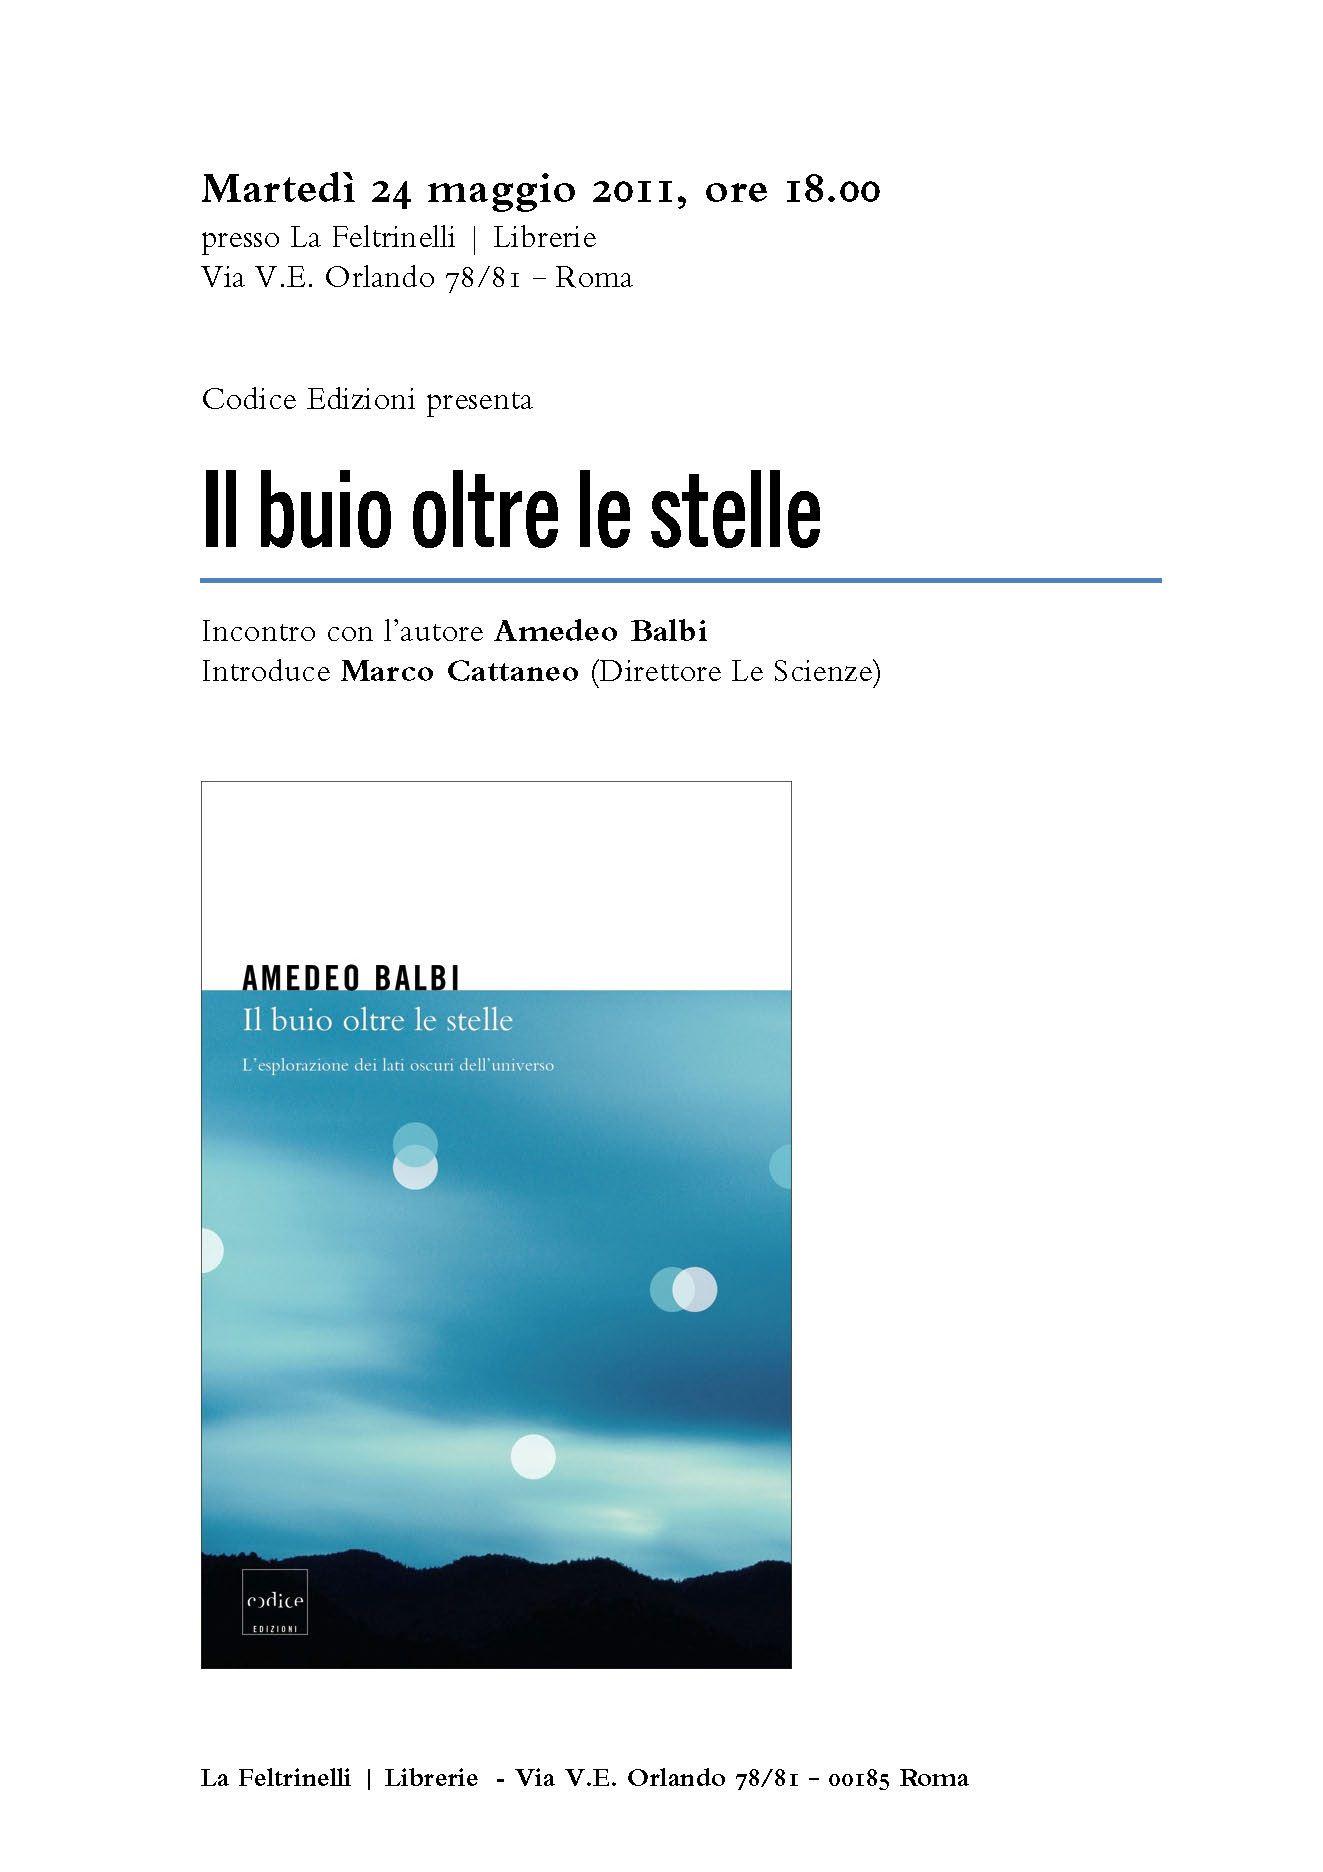 Evento_Balbi_Roma_20110524